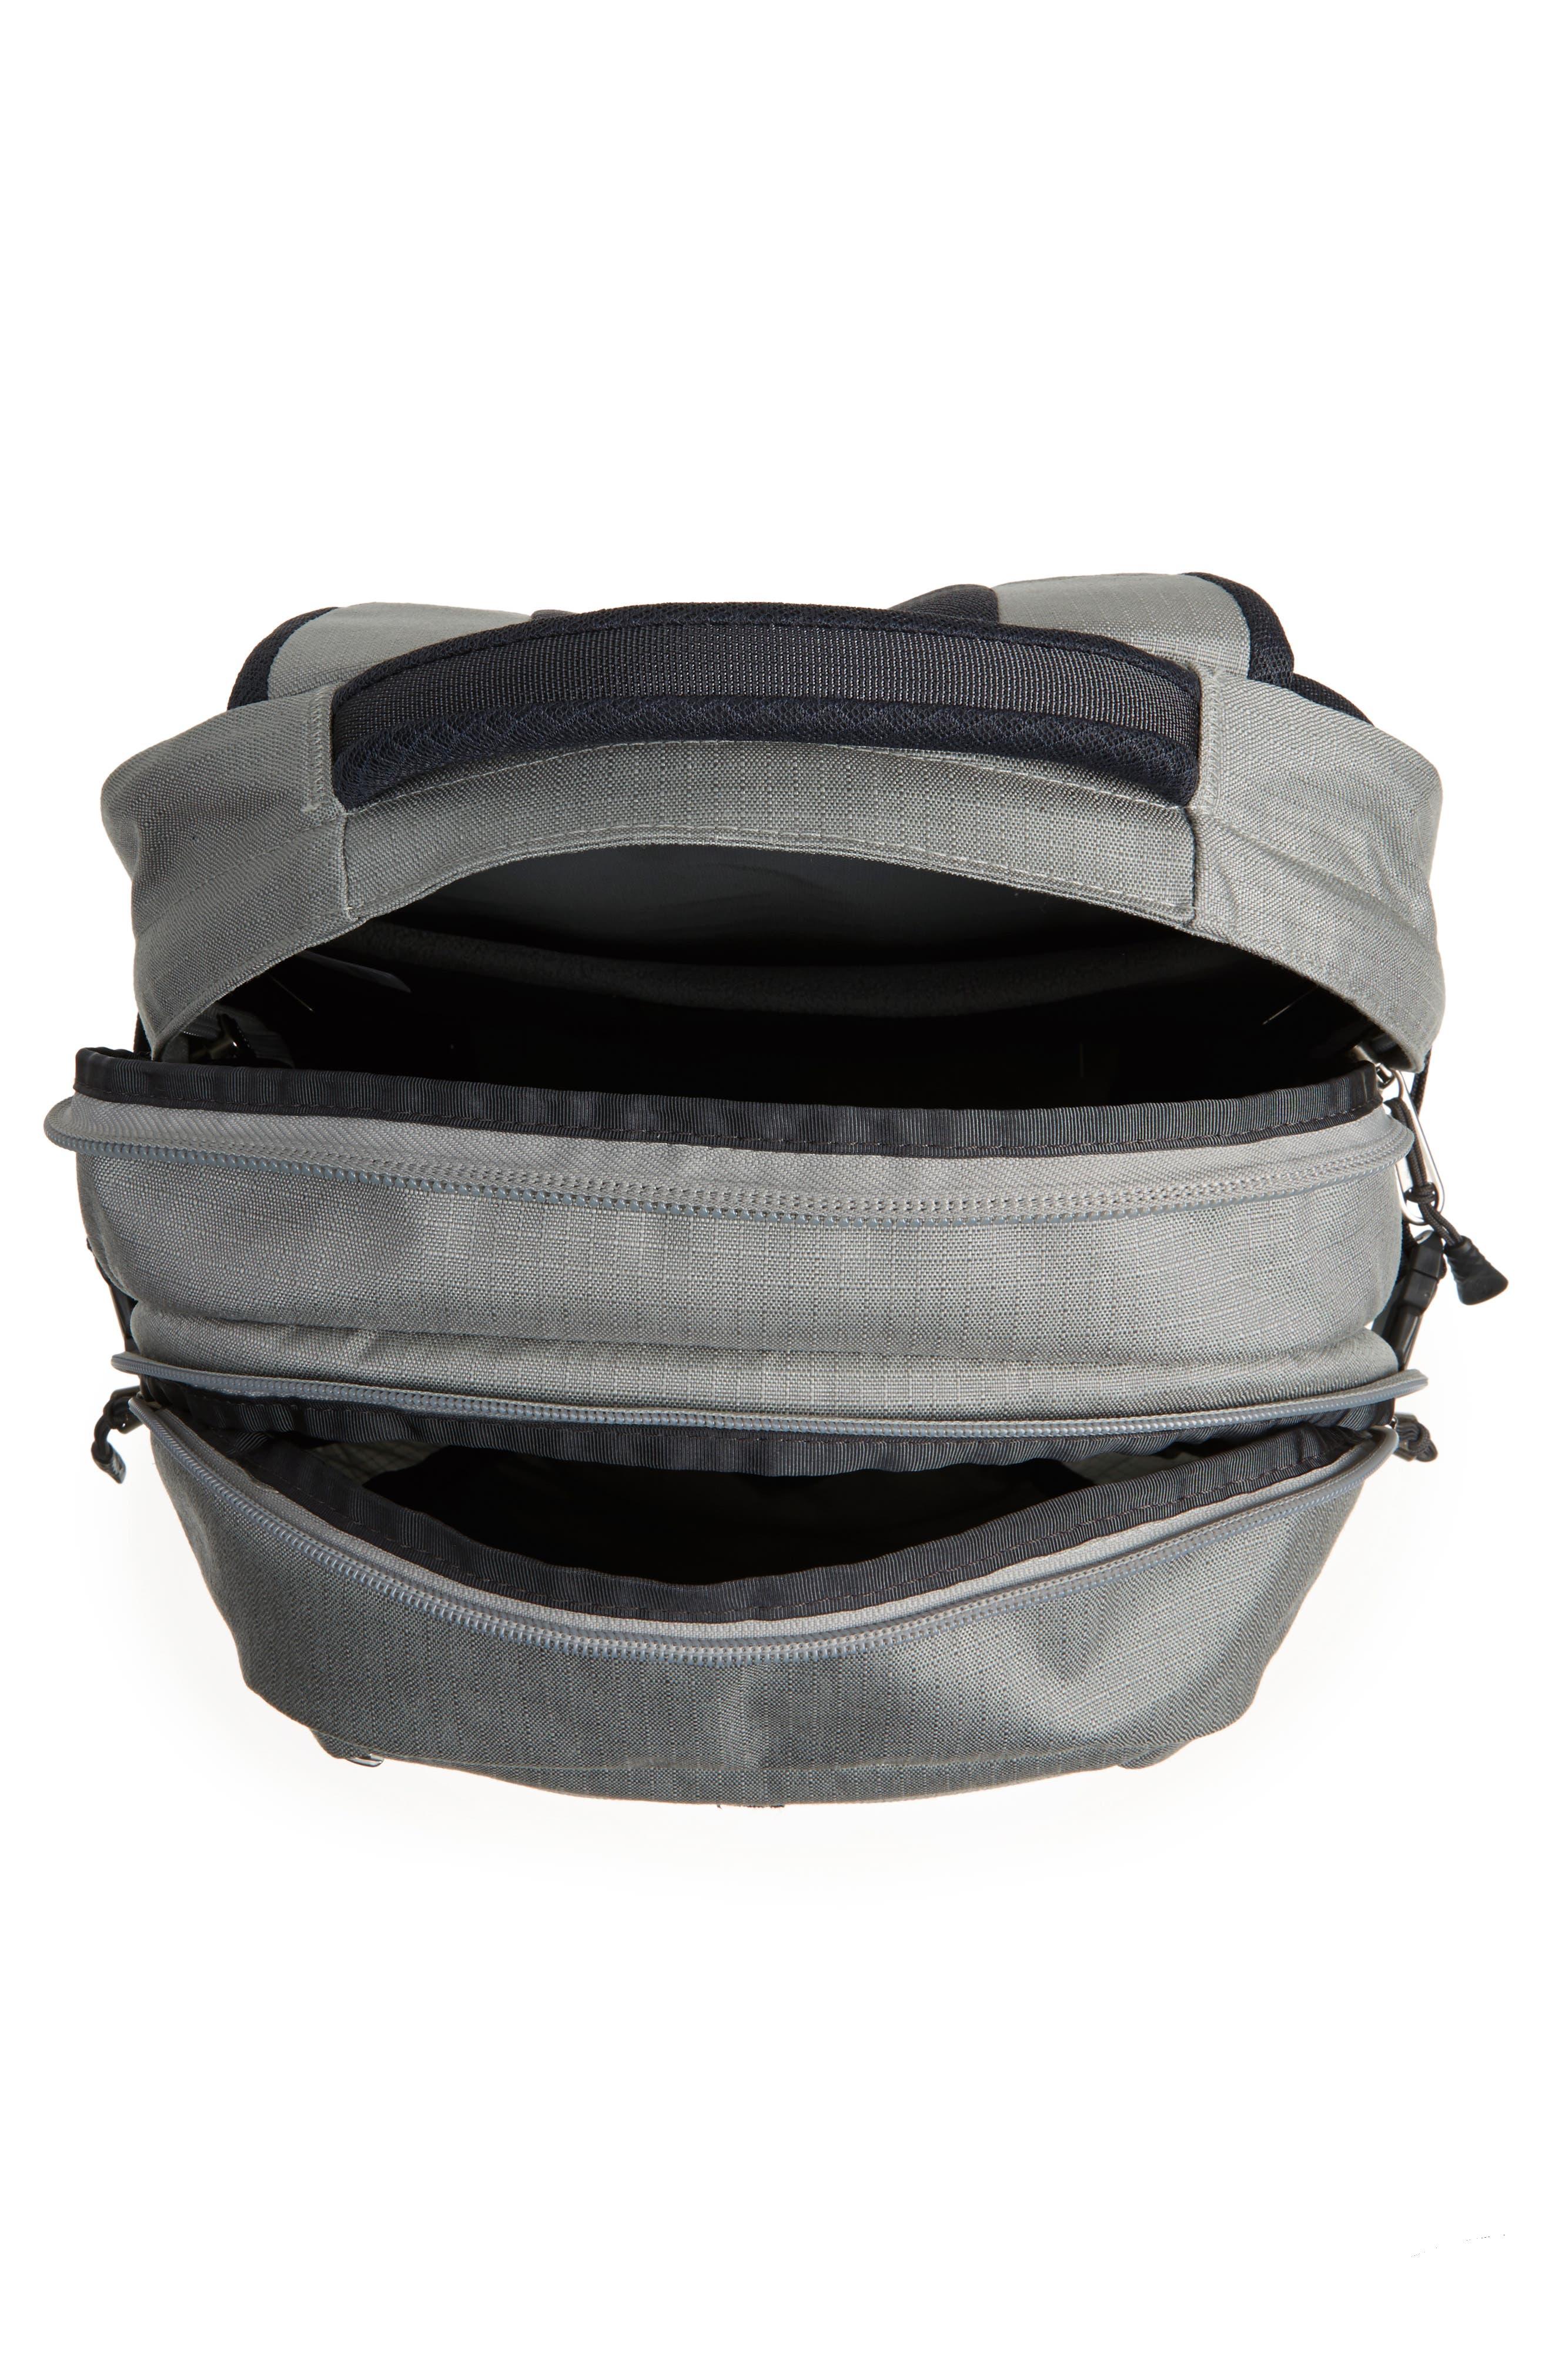 Borealis Backpack,                             Alternate thumbnail 15, color,